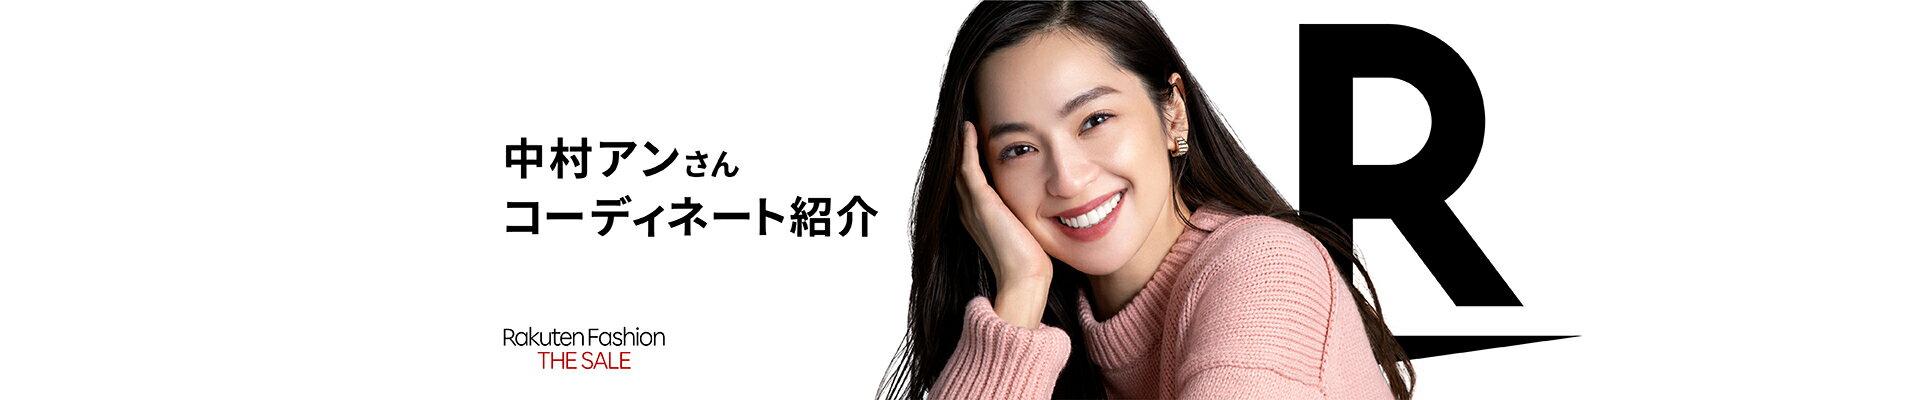 中村アンさんコーディネート紹介